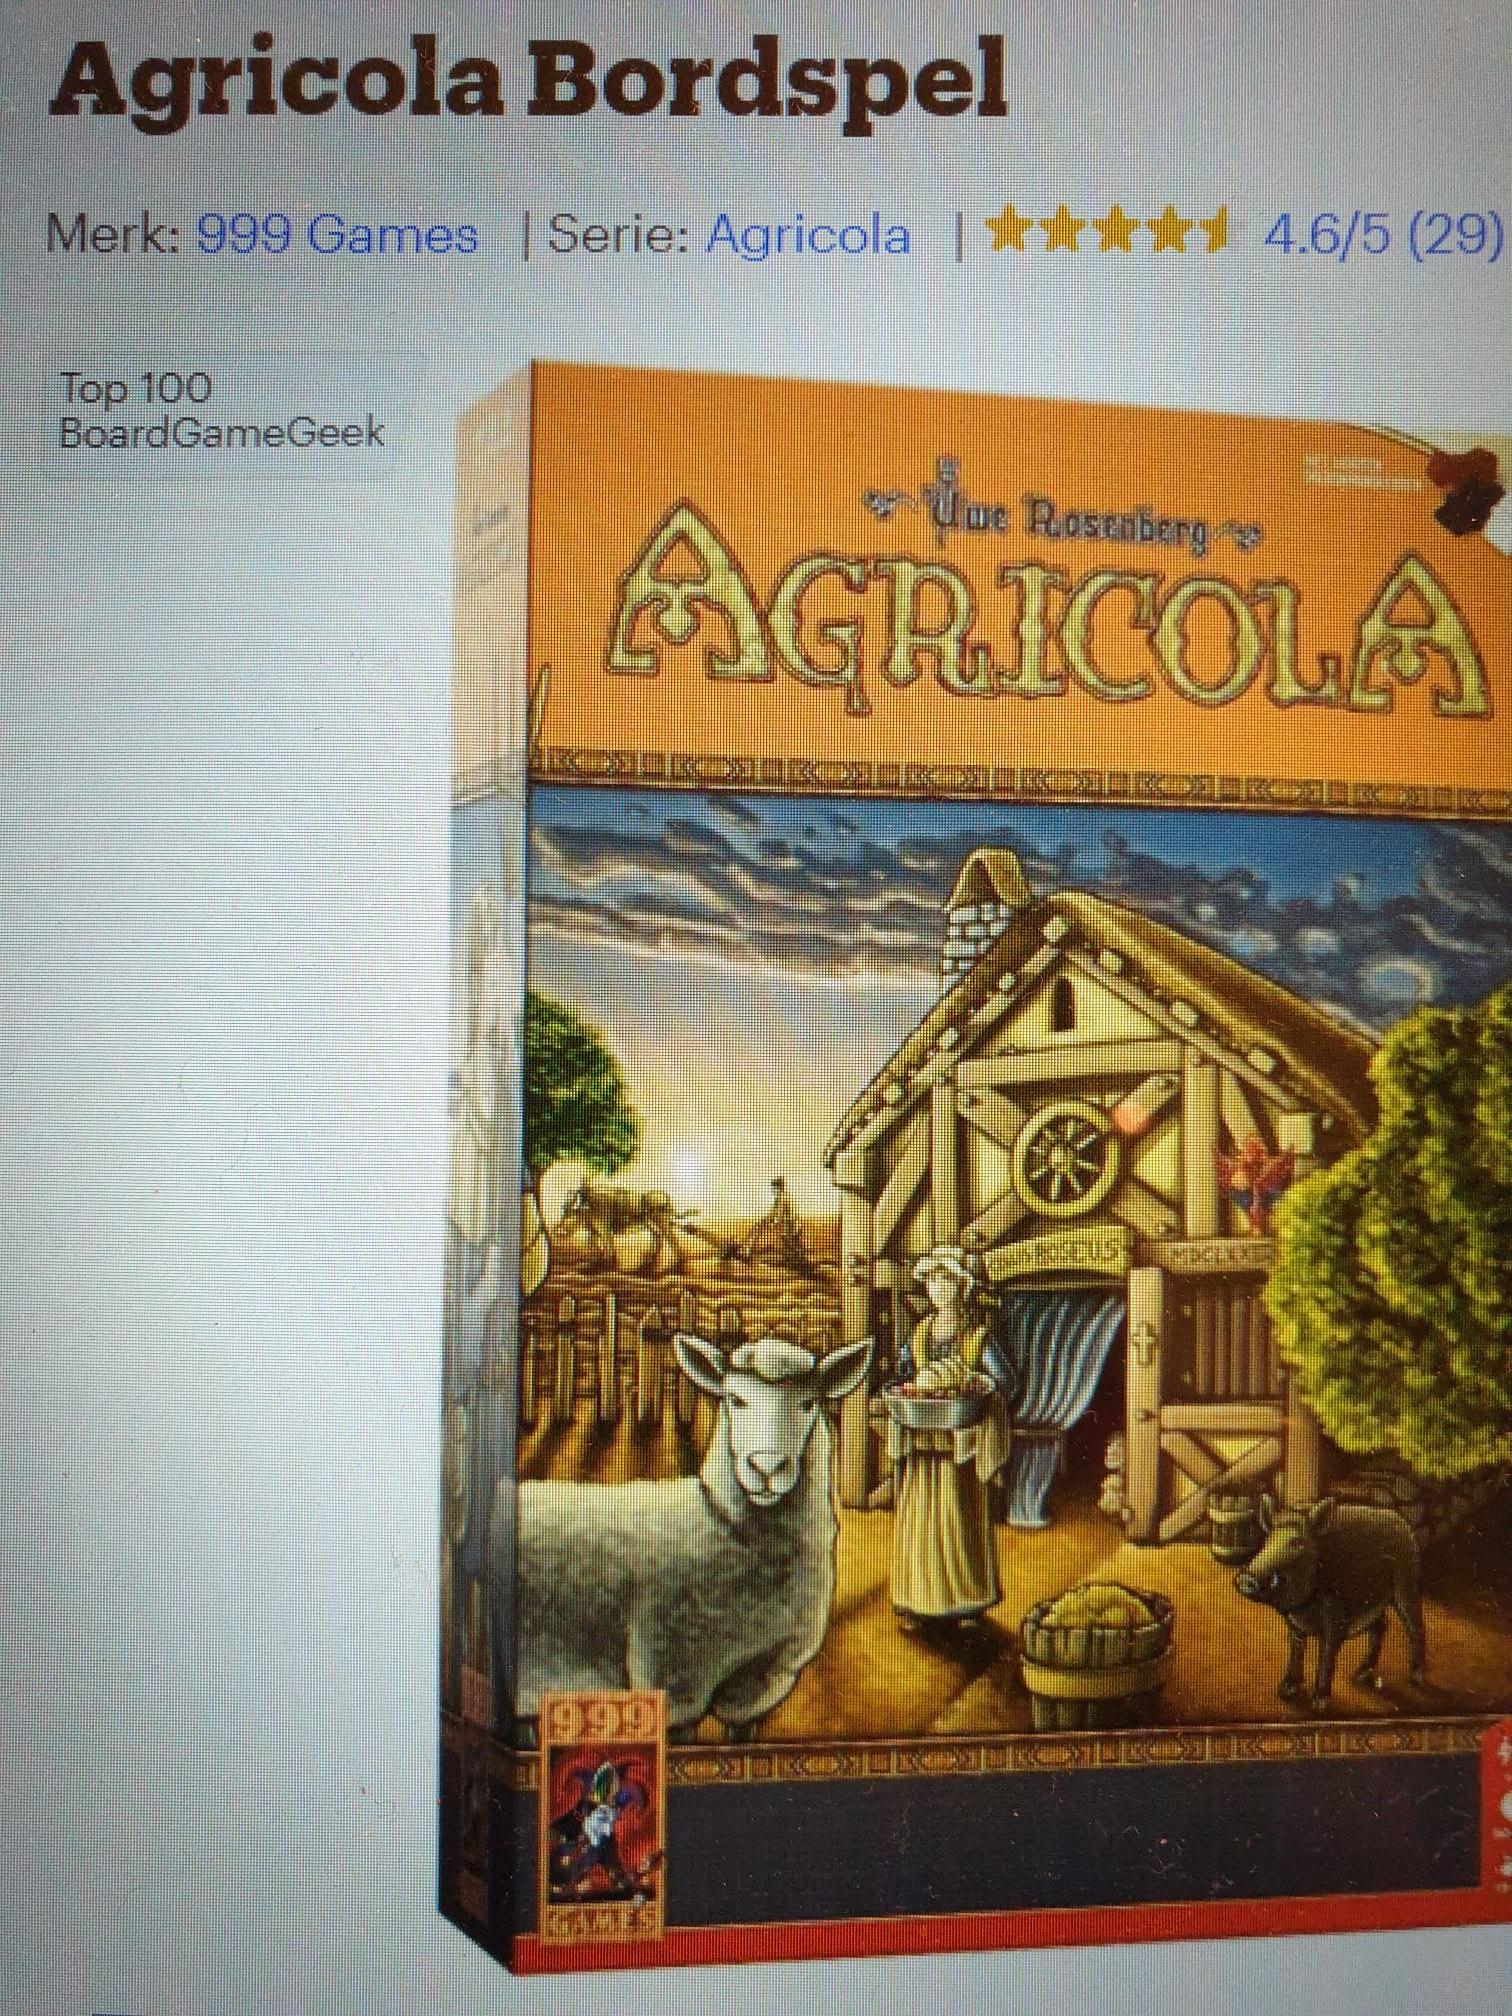 Bordspel Agricola voor laagste prijs dit jaar